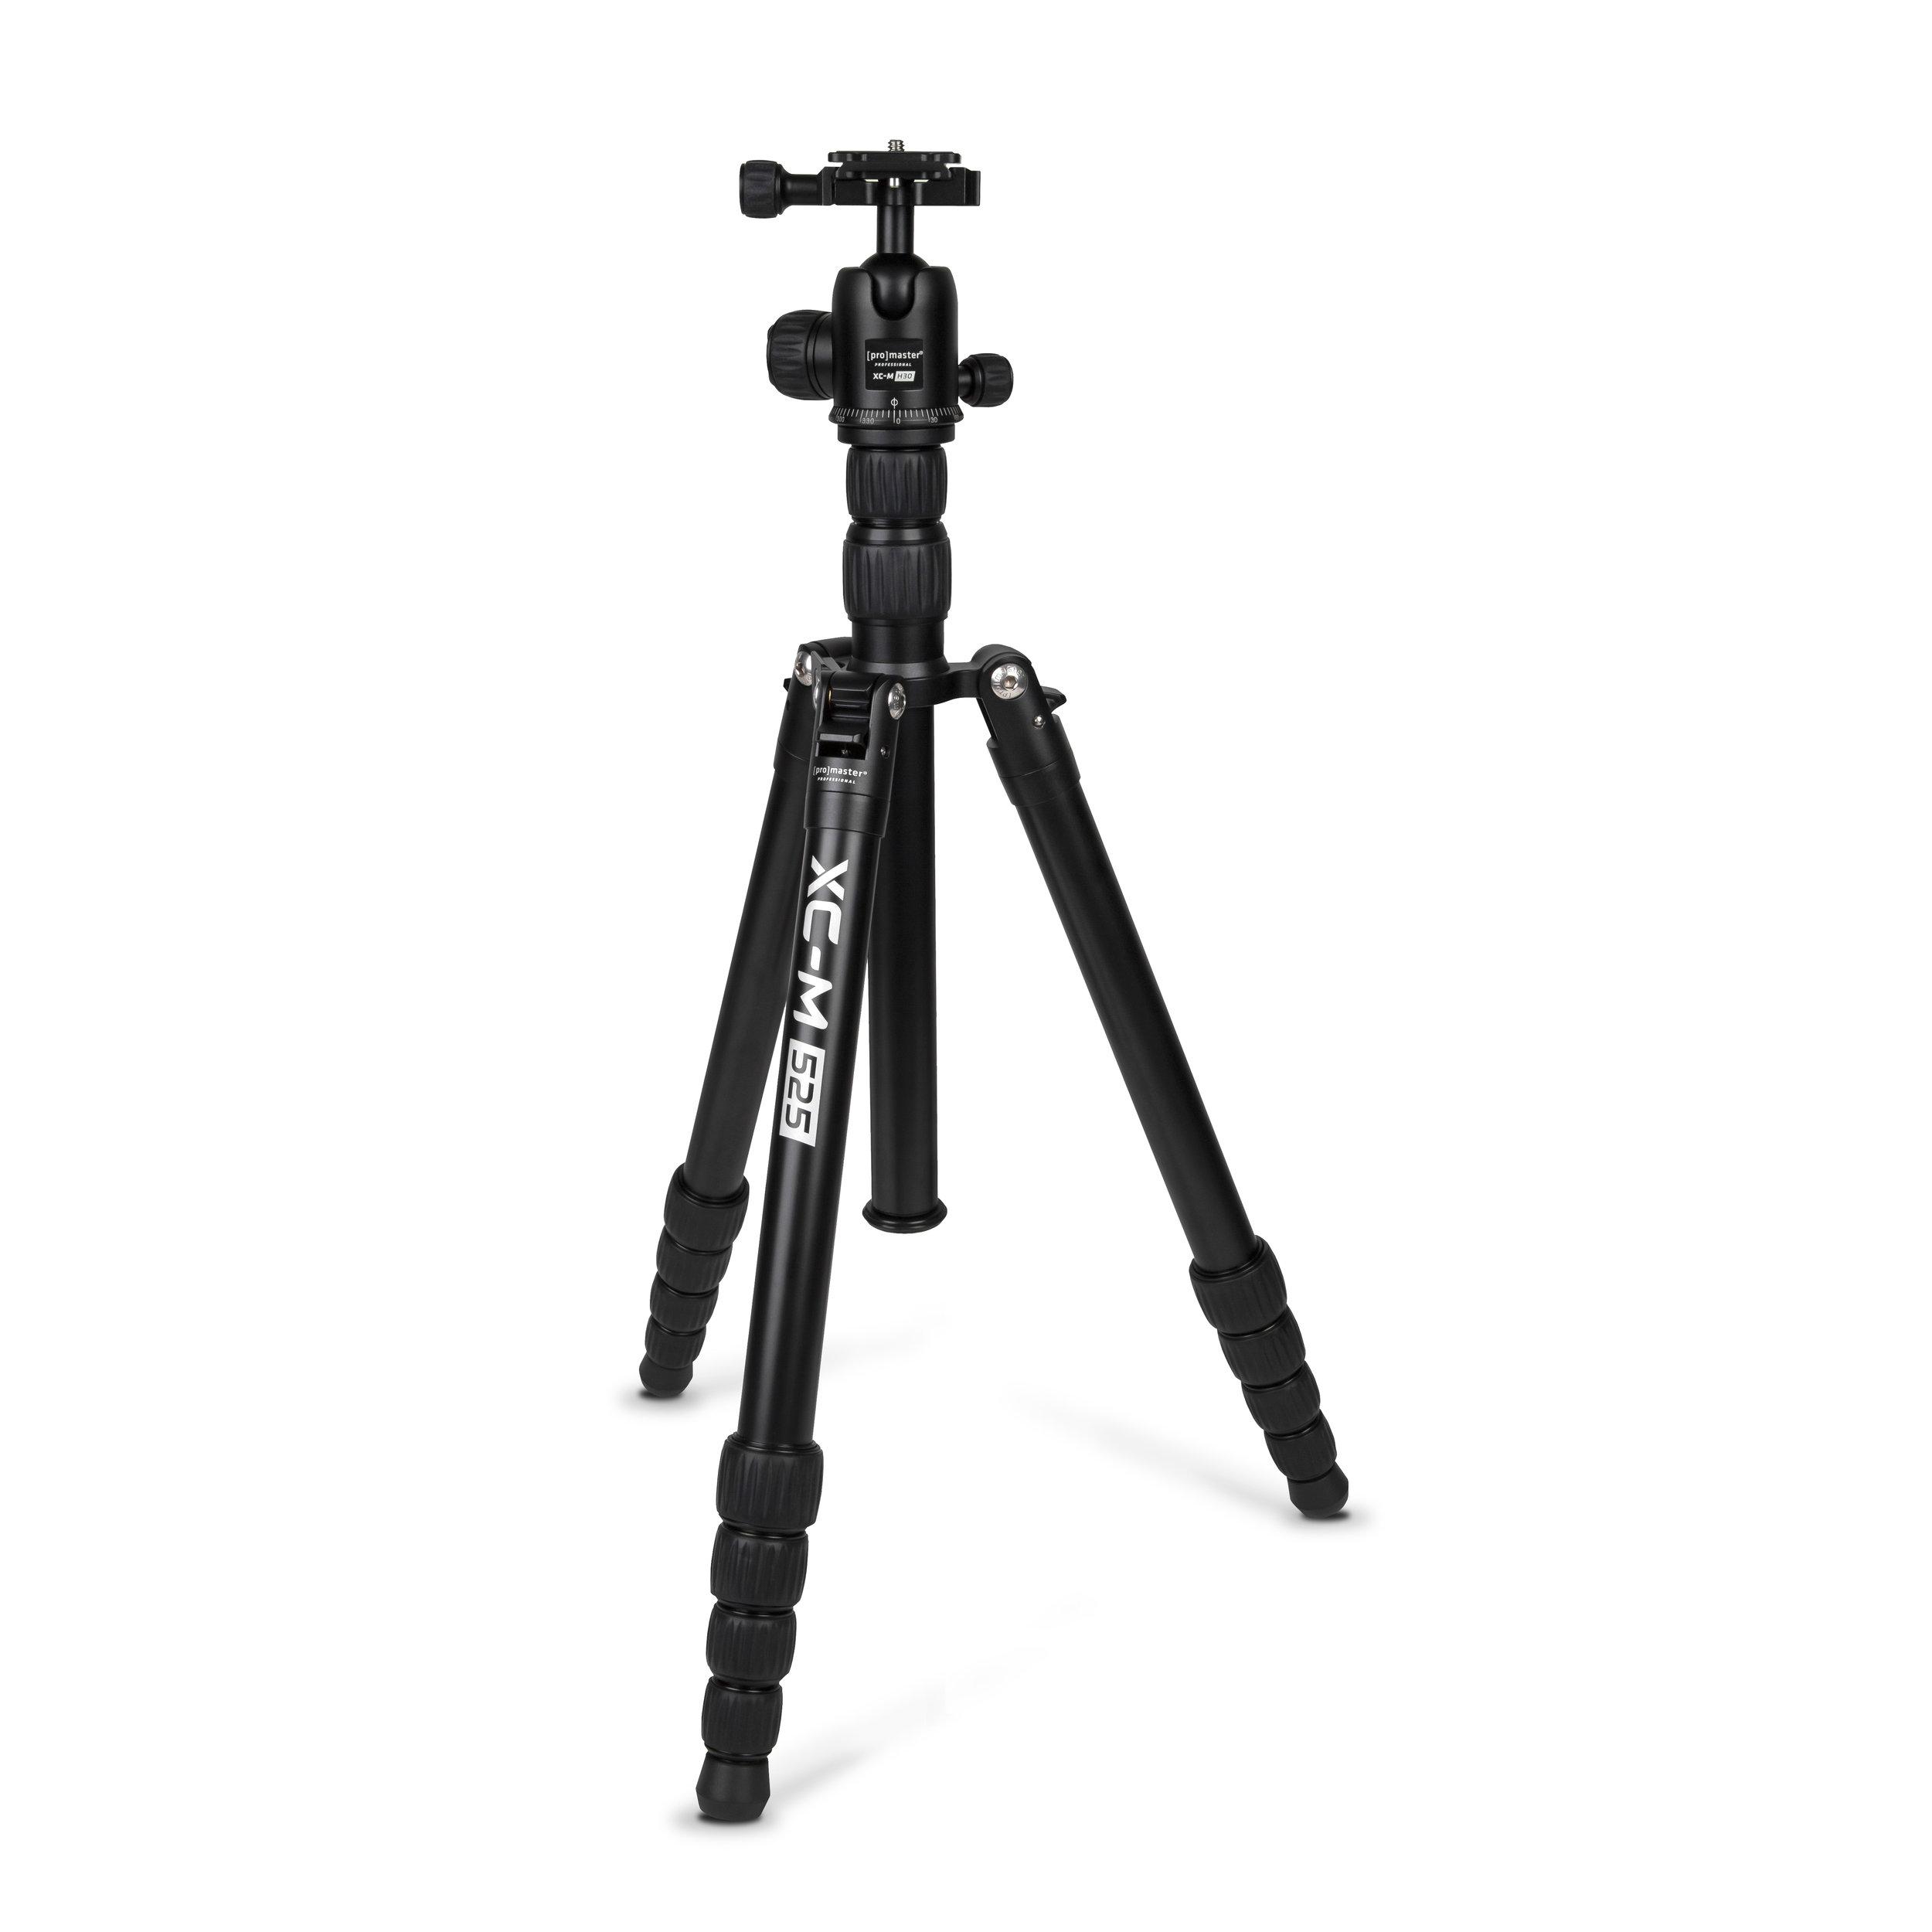 XC-M 525 ALUMINUM - BLACK   $179.95